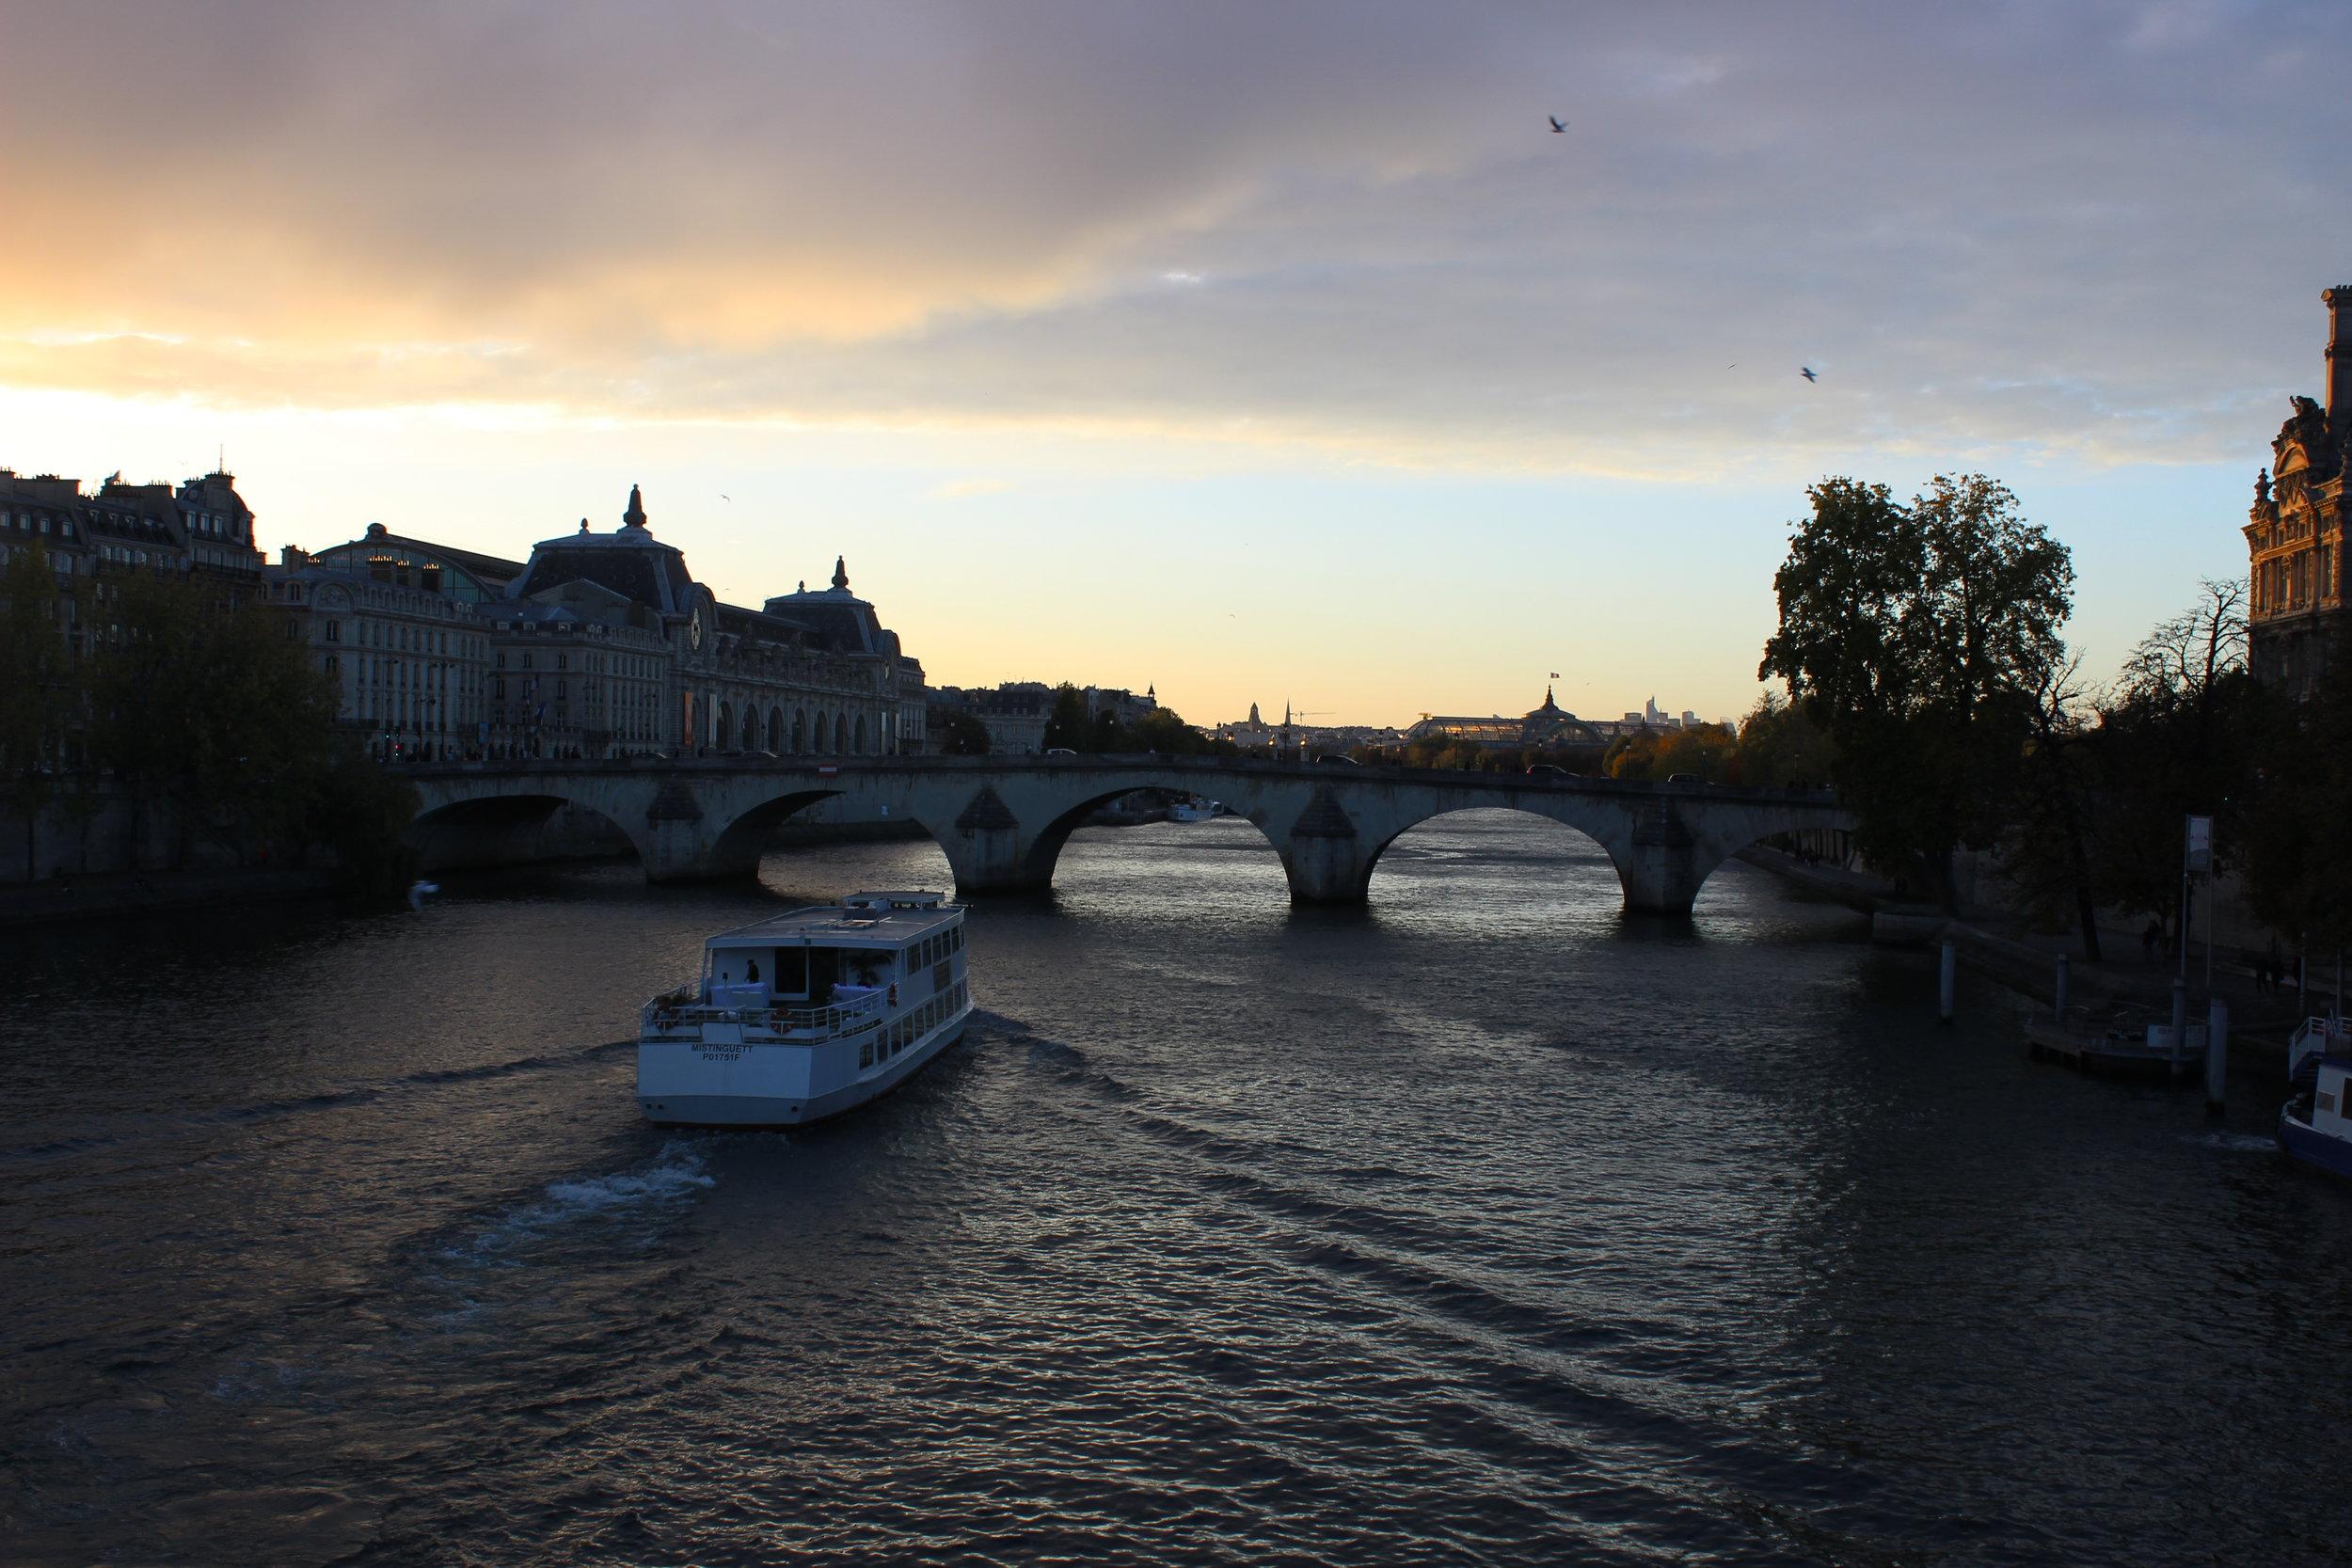 Seine River Boat - Chloe Fandetti